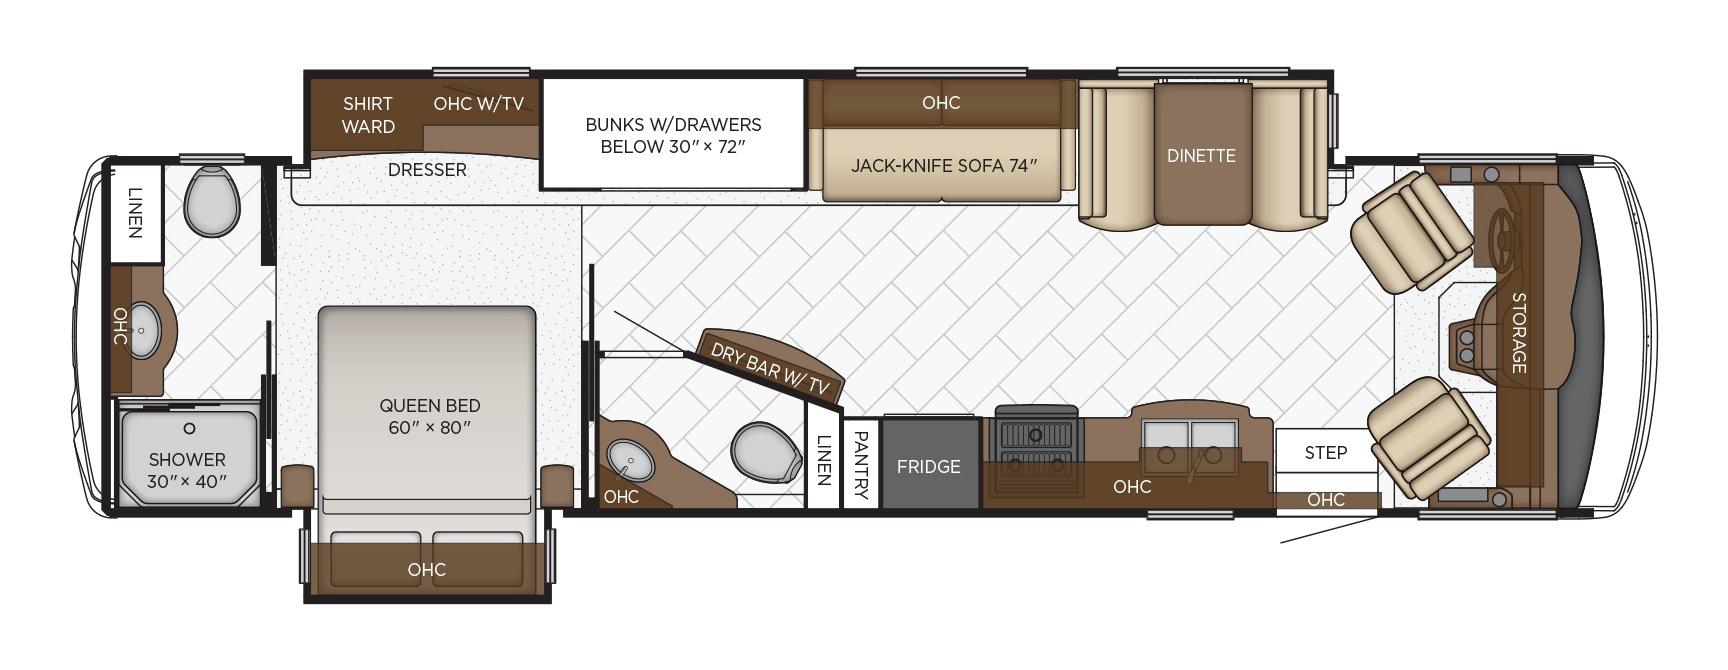 newmar bay star class a motorhome floorplan options-1